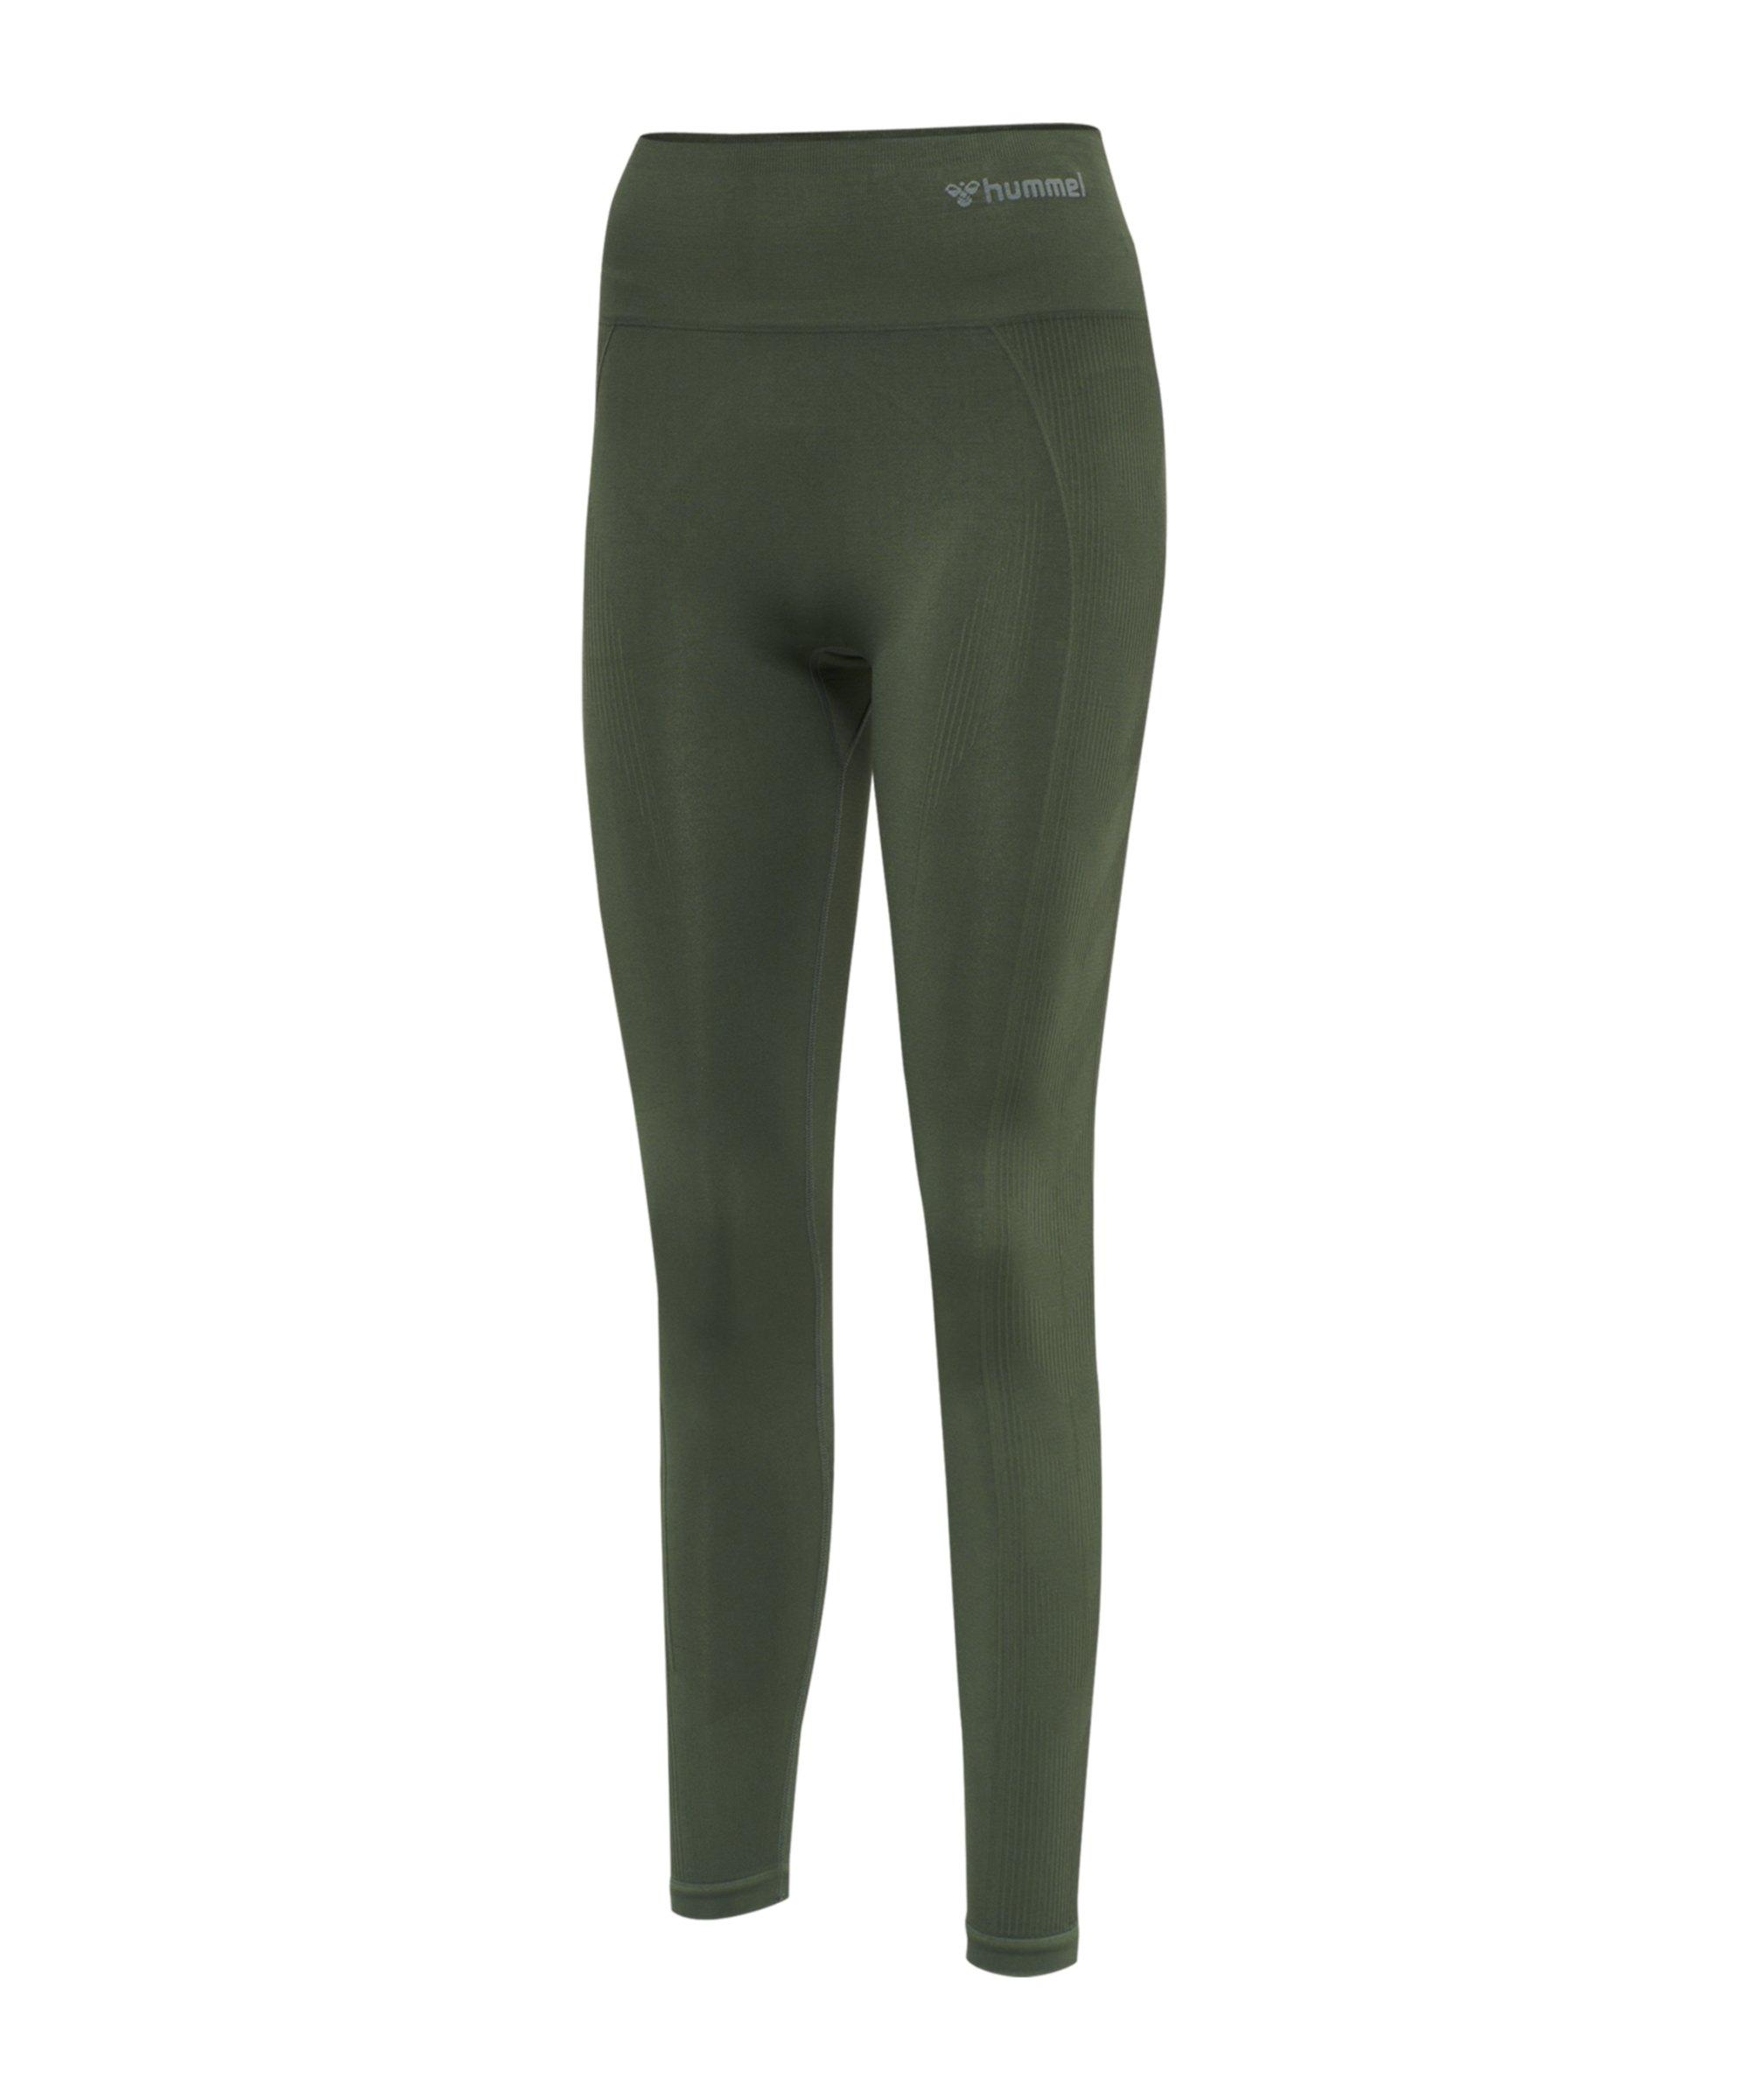 Hummel Seamless High Waist Leggings Damen F6173 - gruen